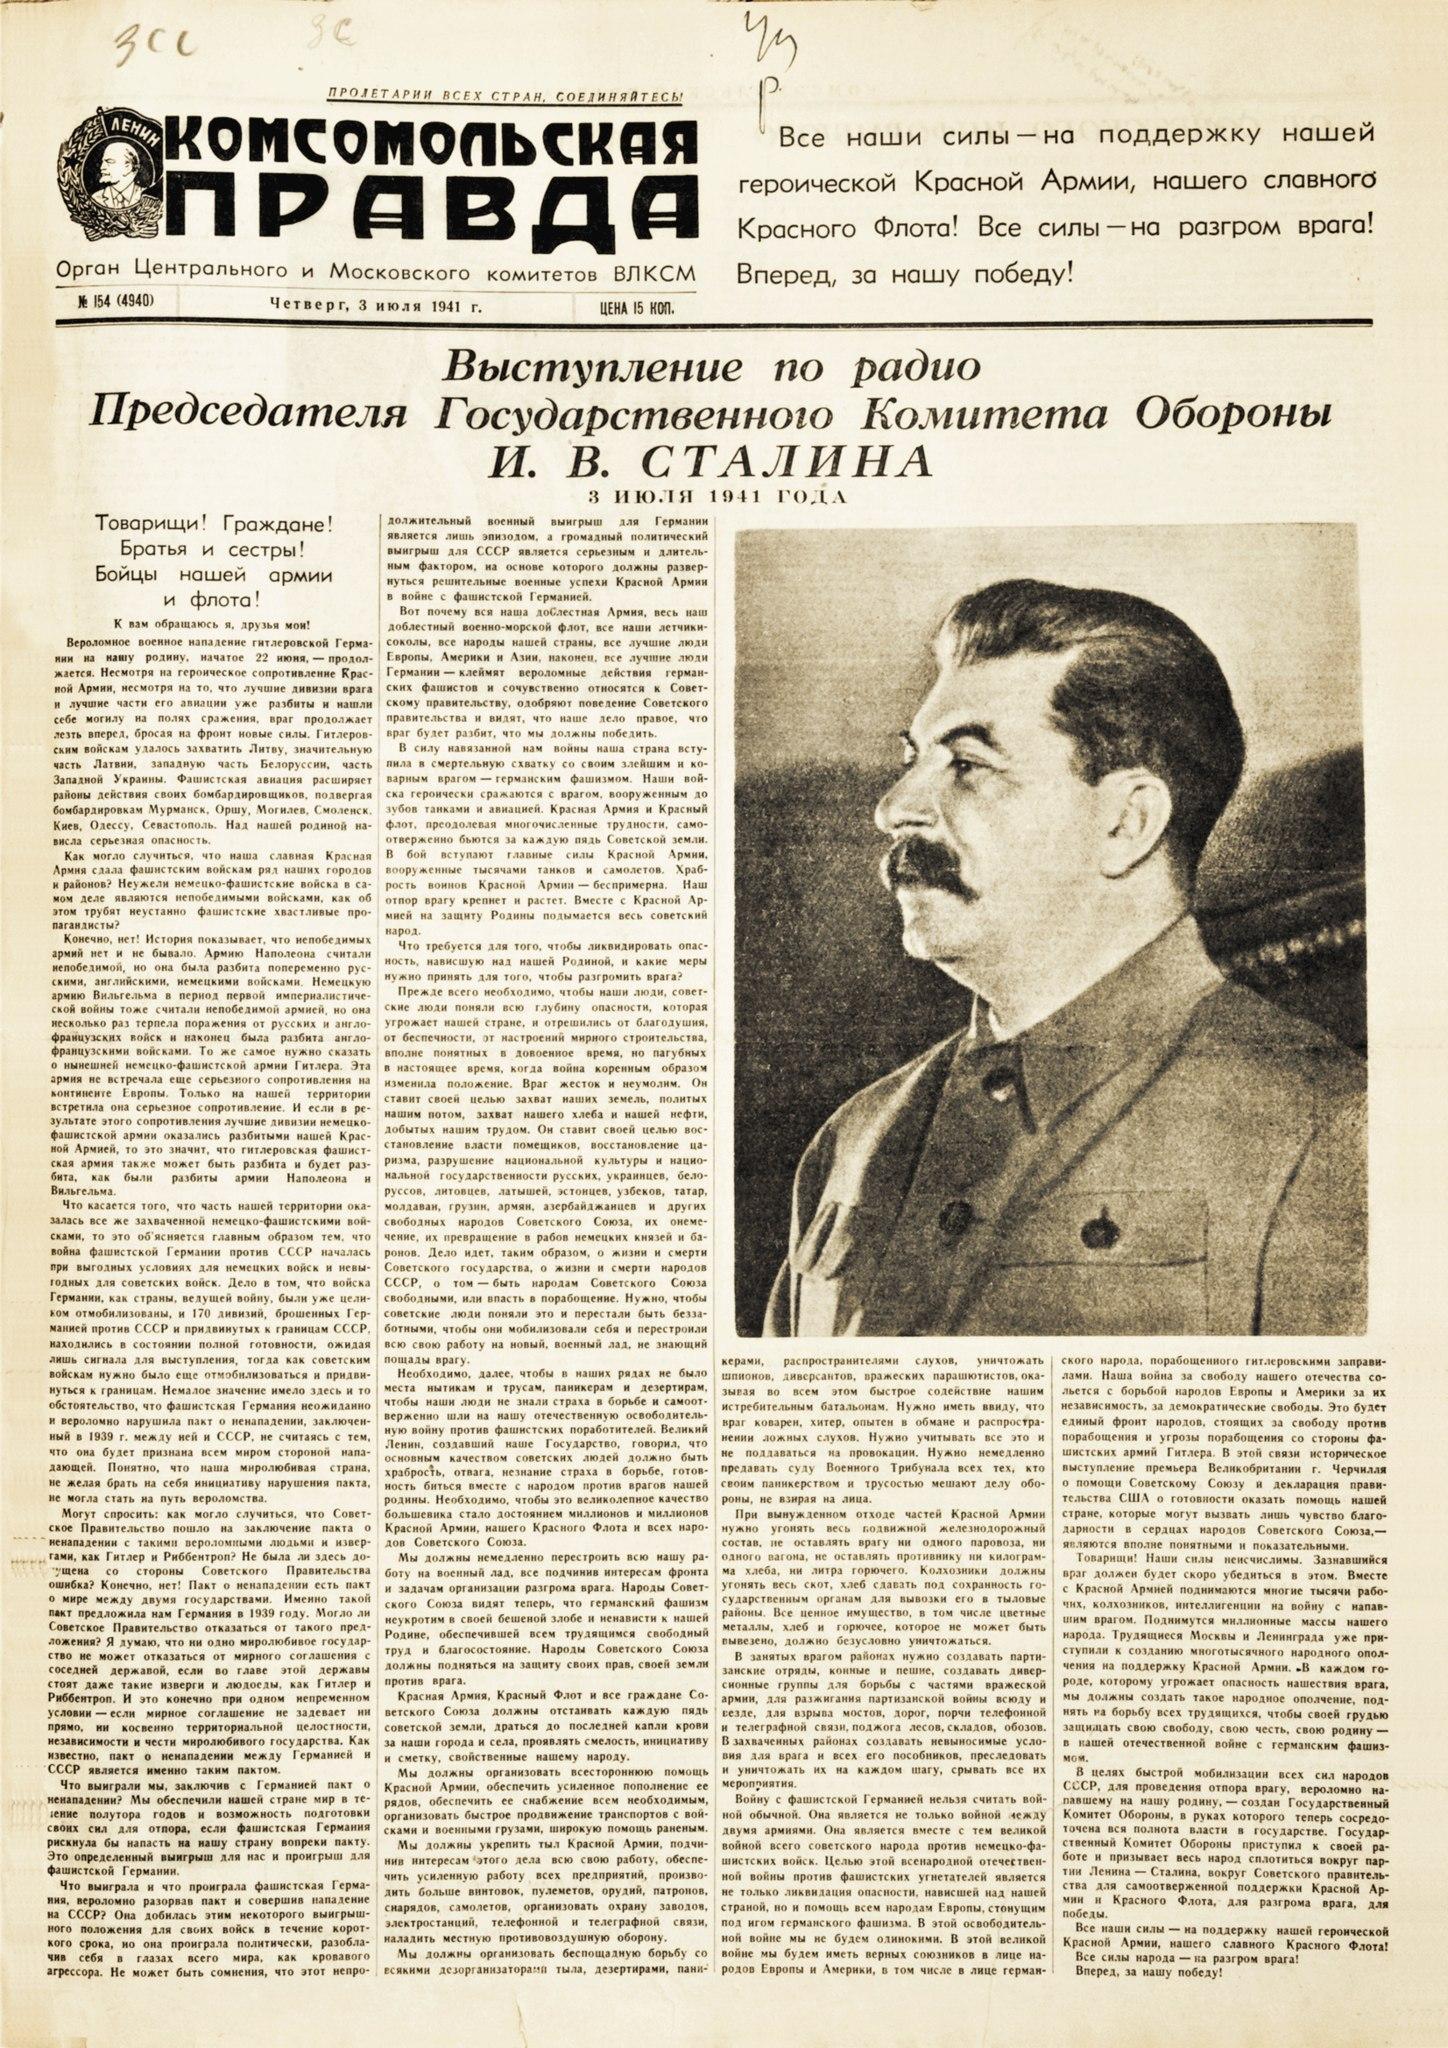 Пионерская правда 3 июля 1941г с обращением сталина